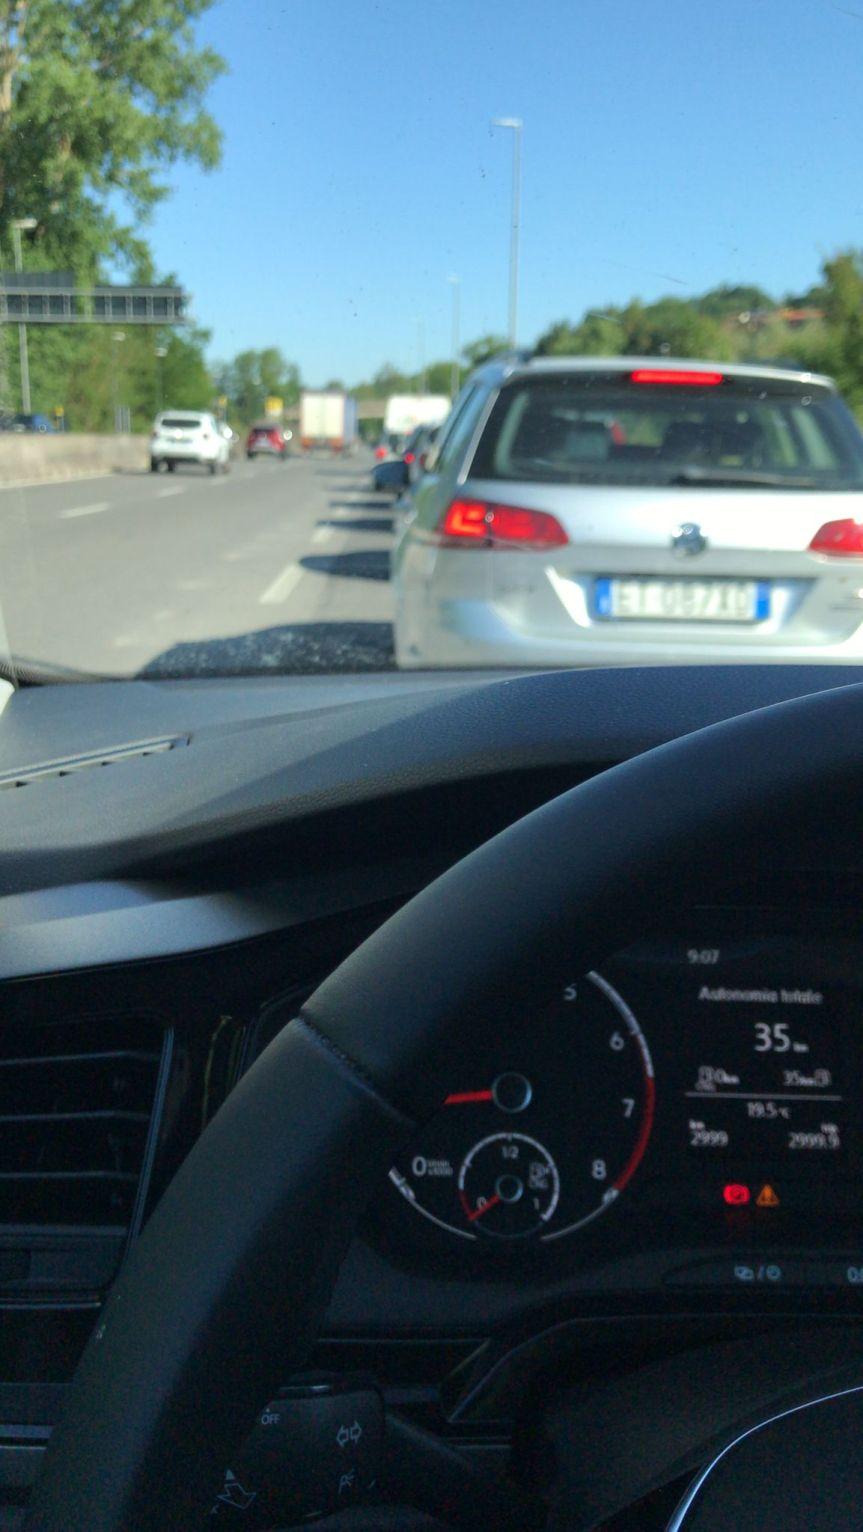 Provincia di Siena: Camion perde carico, caos per il traffico sullaSiena-Firenze